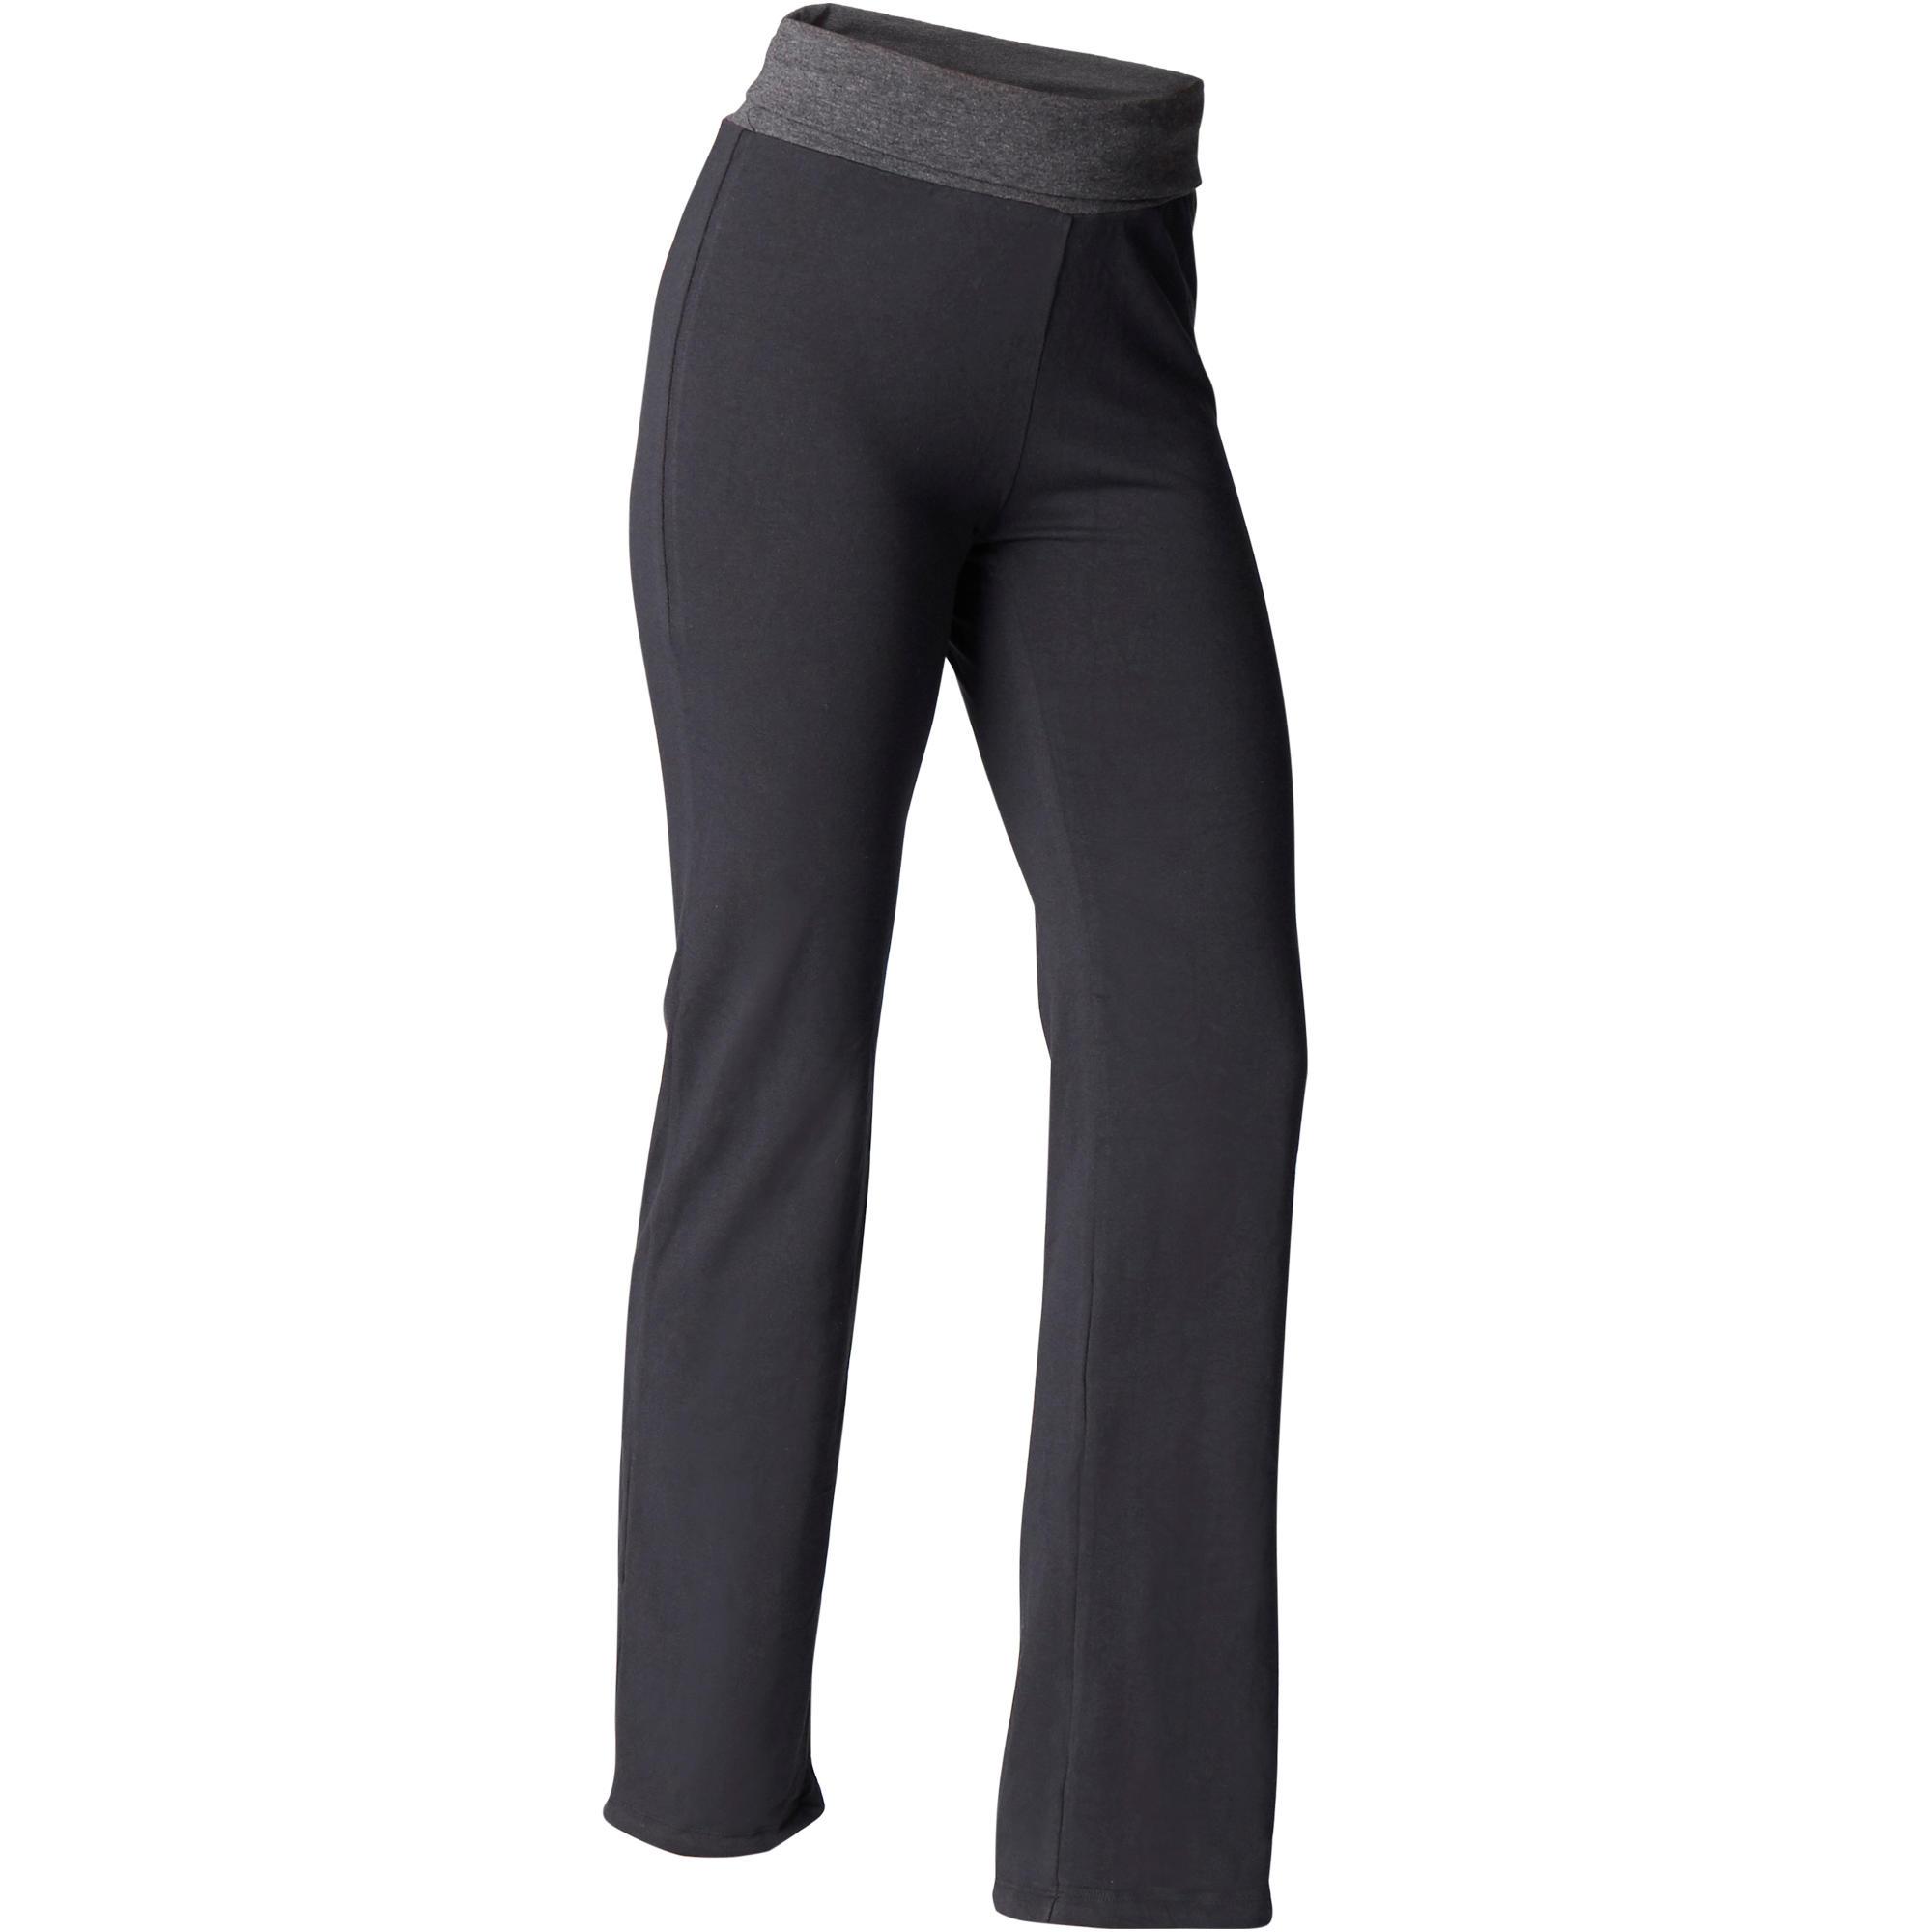 En Biologique Femme Issu Vêtements Yoga Coton Gris L'agriculture Doux Noir De Pantalon doxBerC